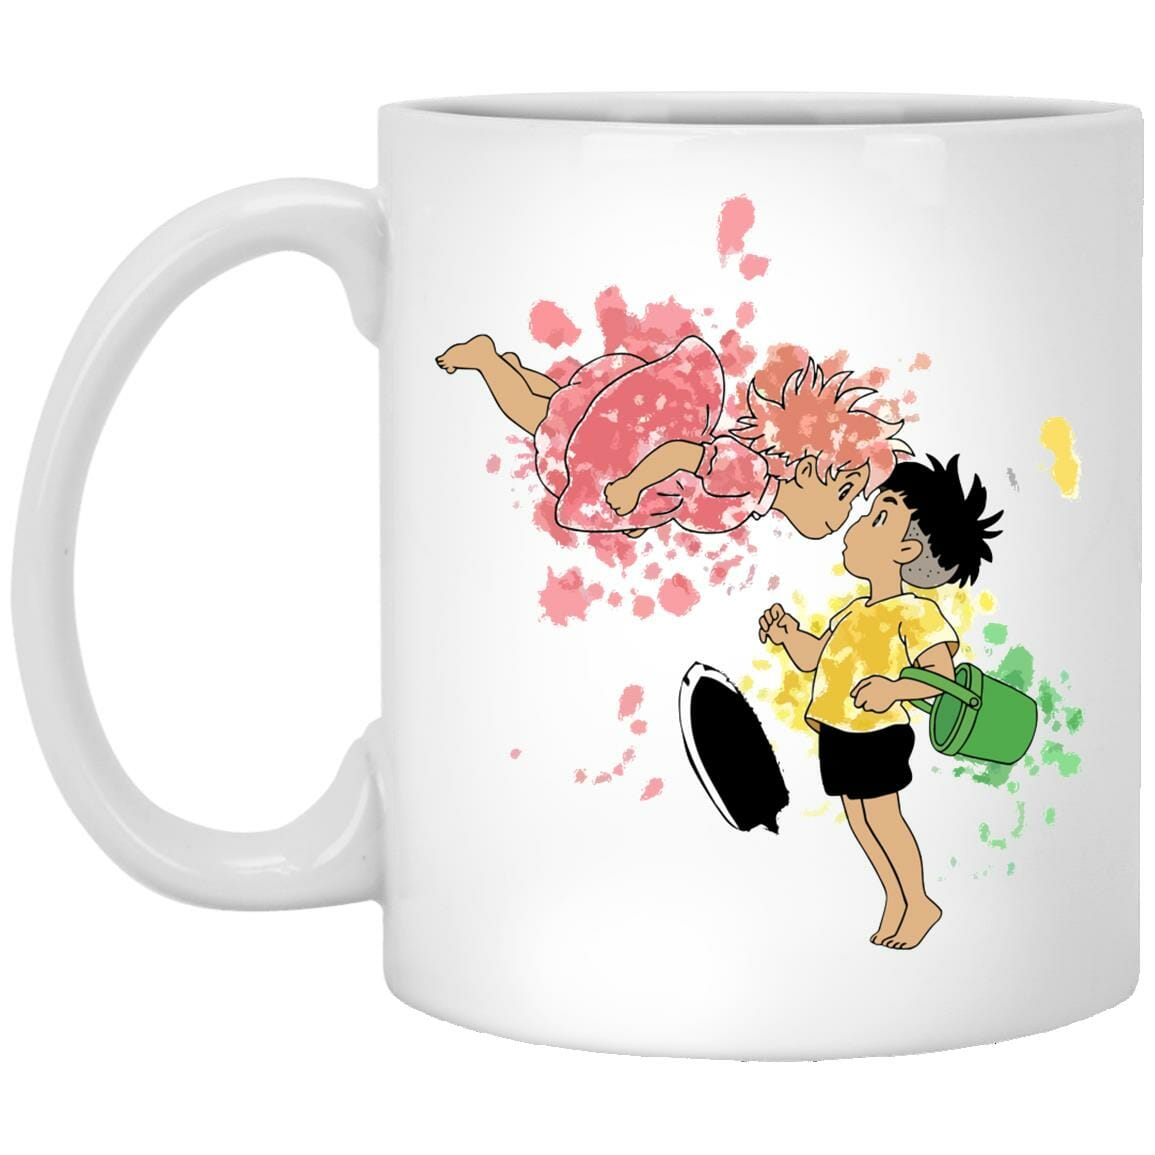 Ponyo and Sosuke Colorful Mug